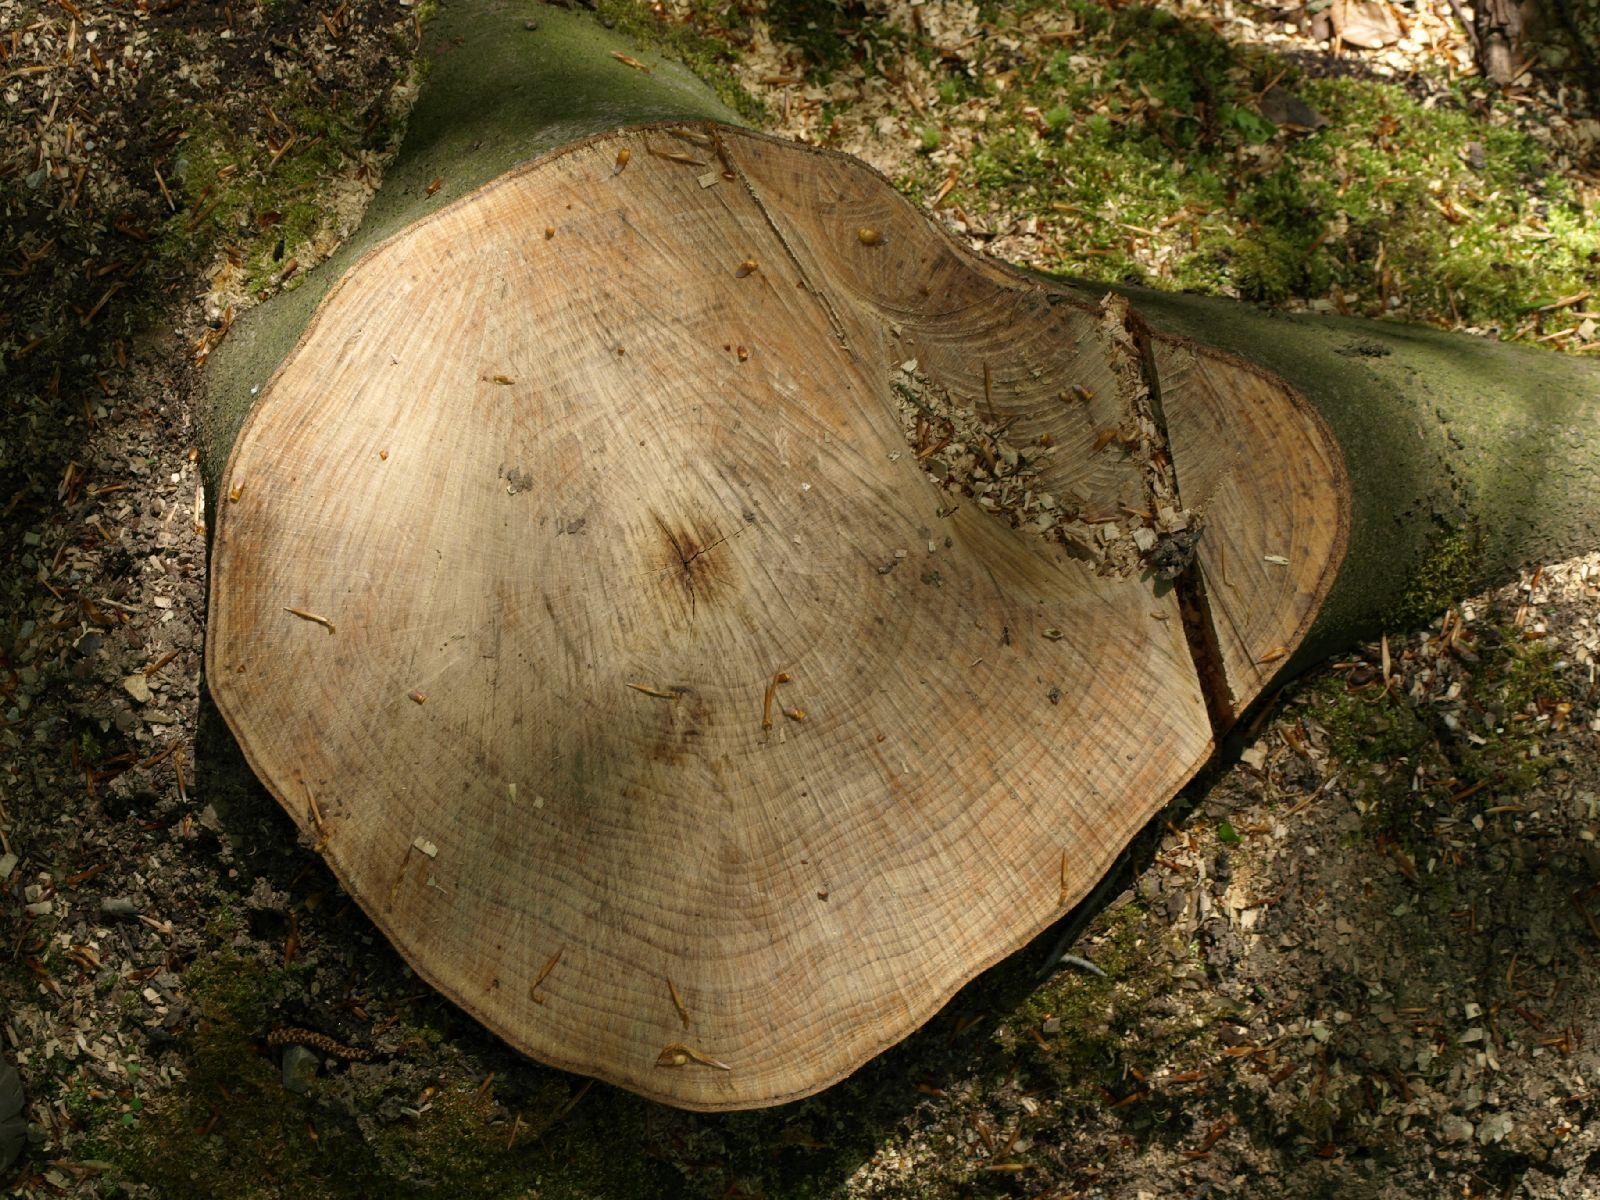 Holz_Textur_A_P5042454